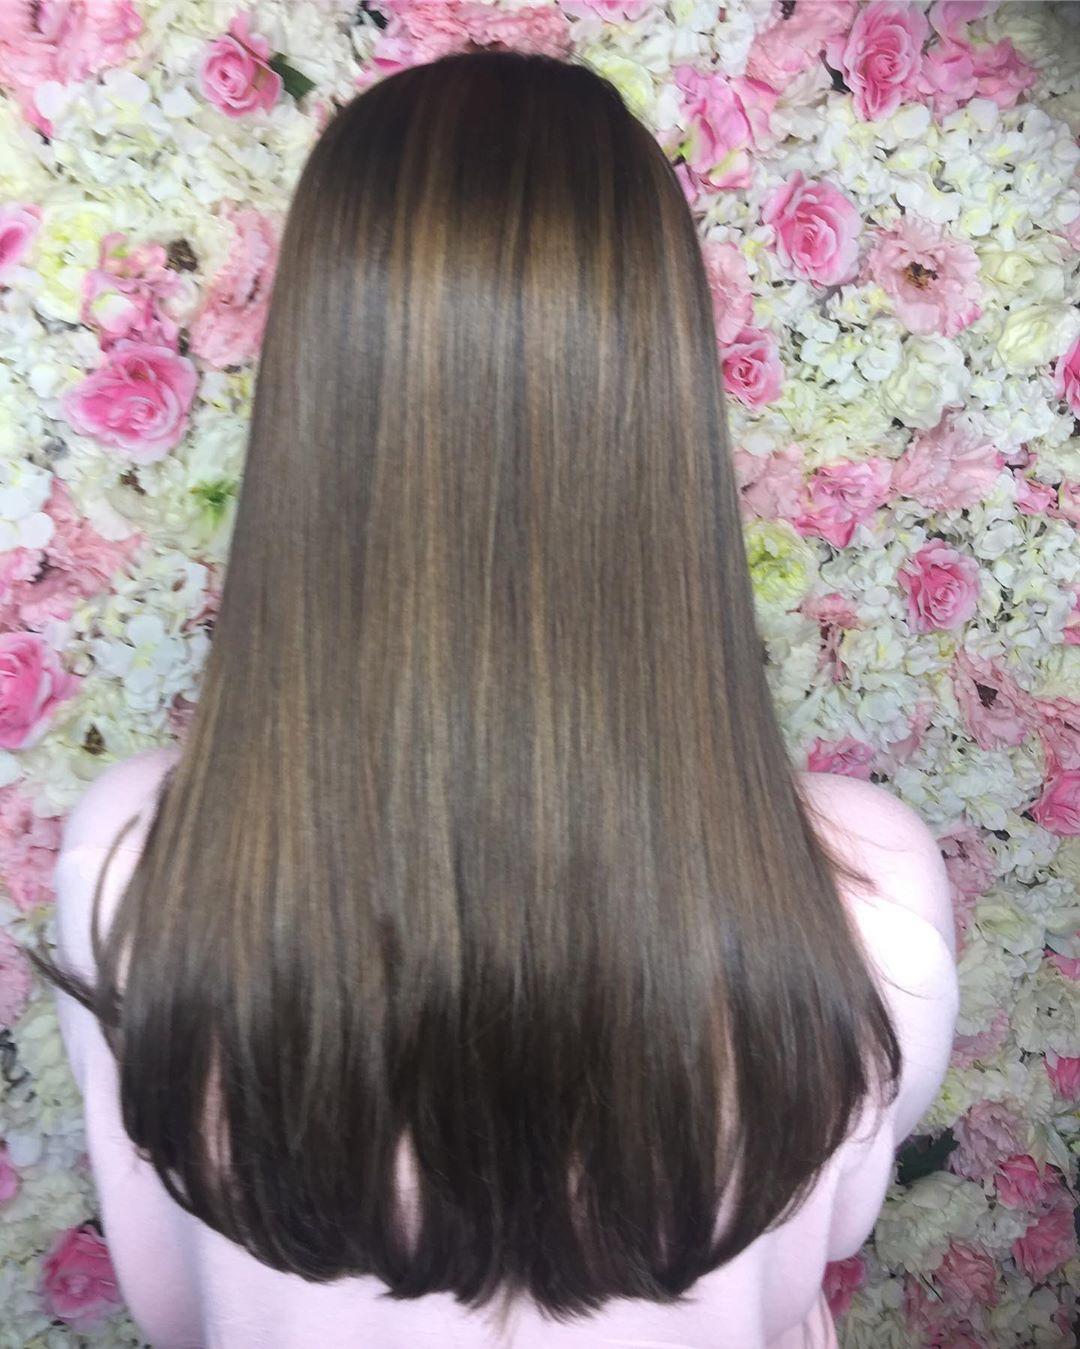 hair byumee 61549278 196465044653940 6380247388011021565 n - Cabelo Castanho Chocolate: 50 fotos inspirações, dicas de cuidados